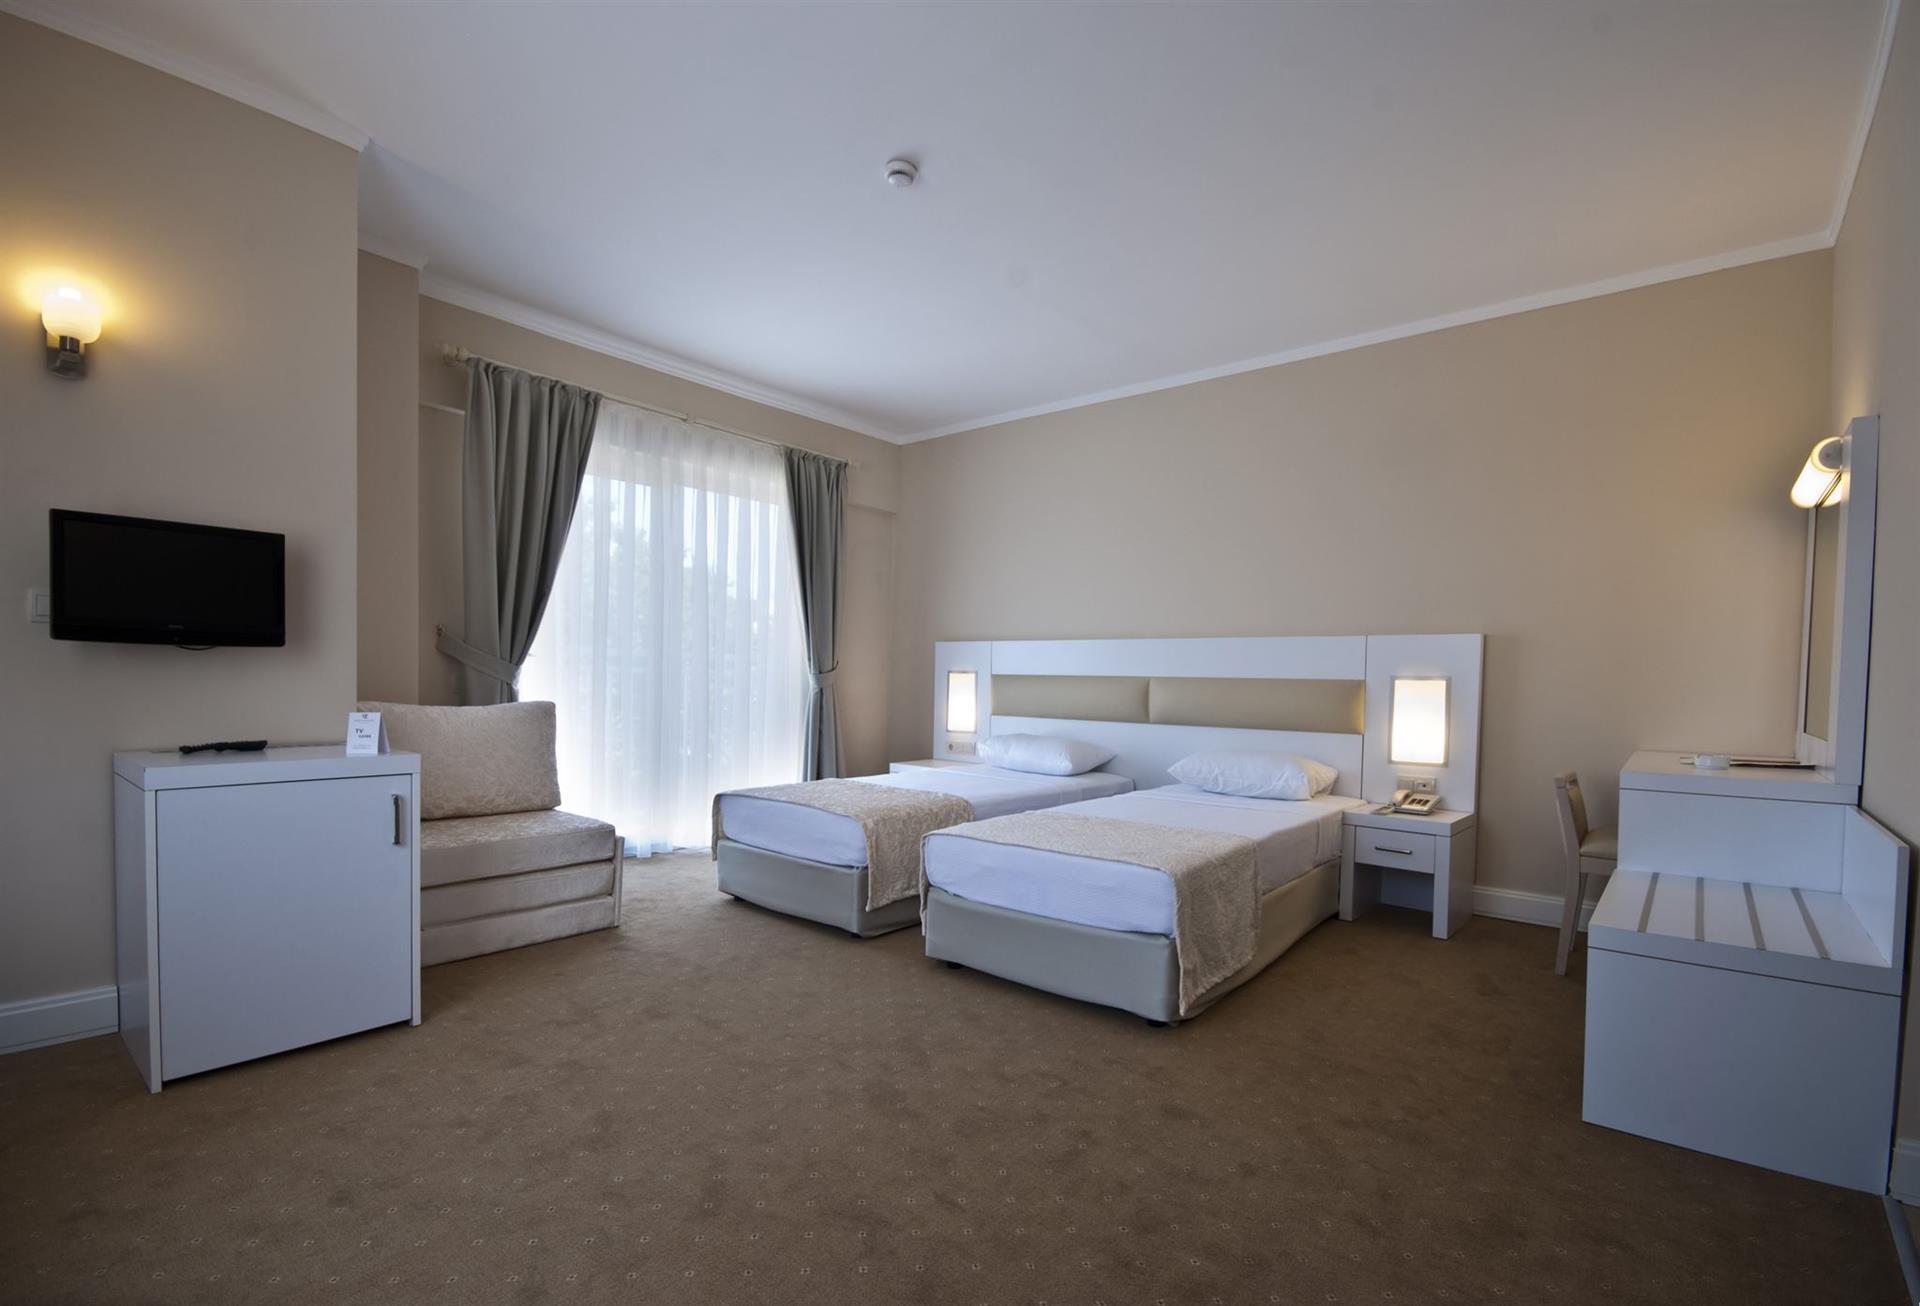 Турция отель нова вайт лилиум отзывы фото